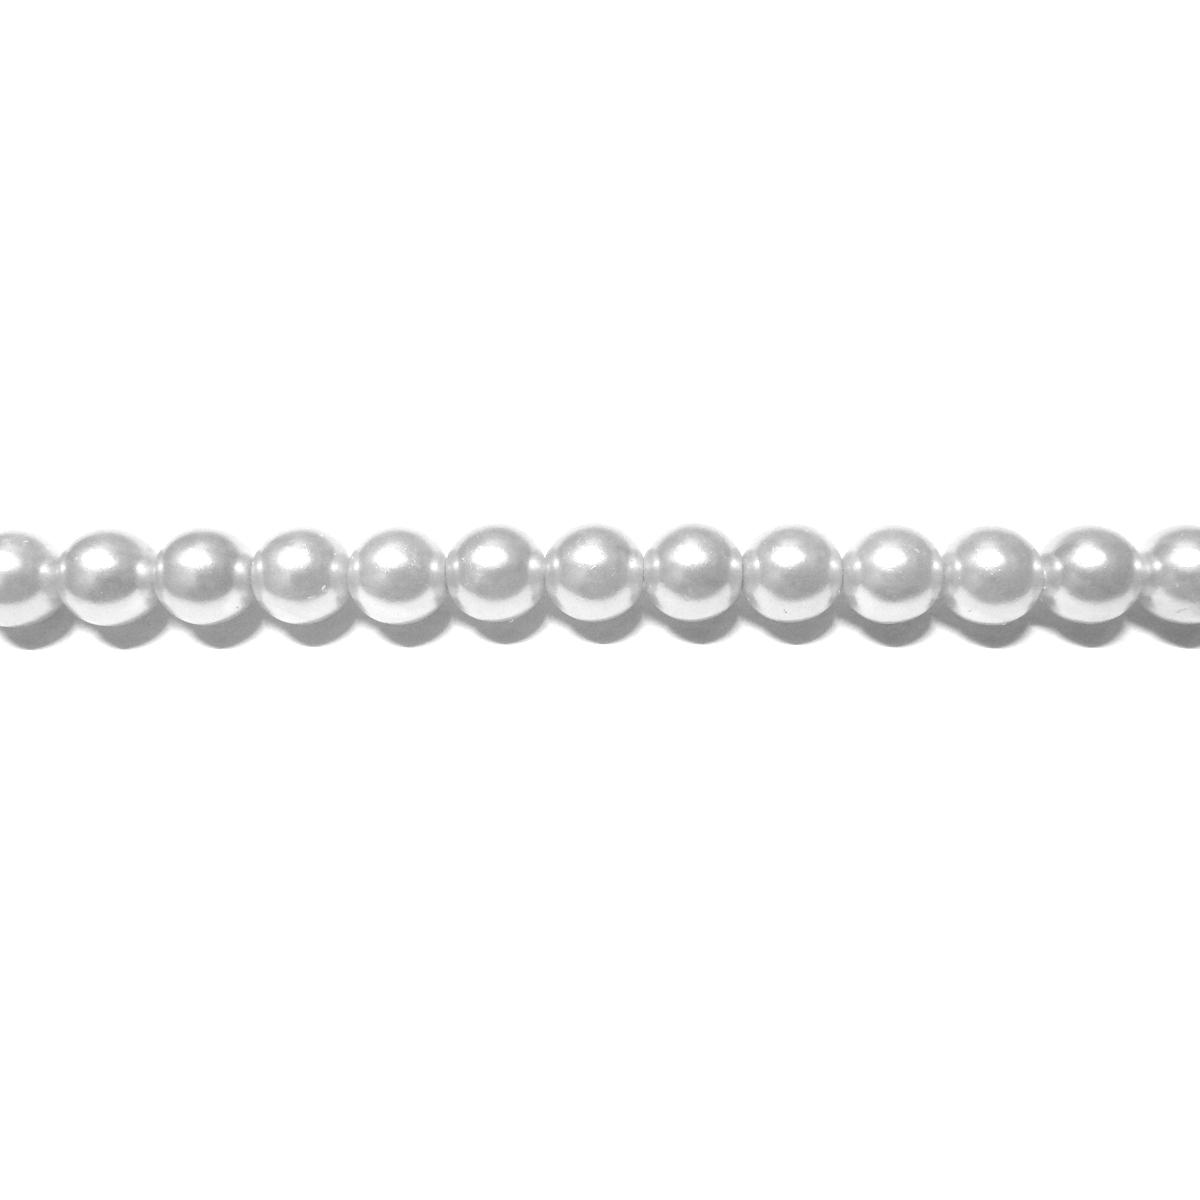 Perla Cristal Redonda 3mm - Color Blanco